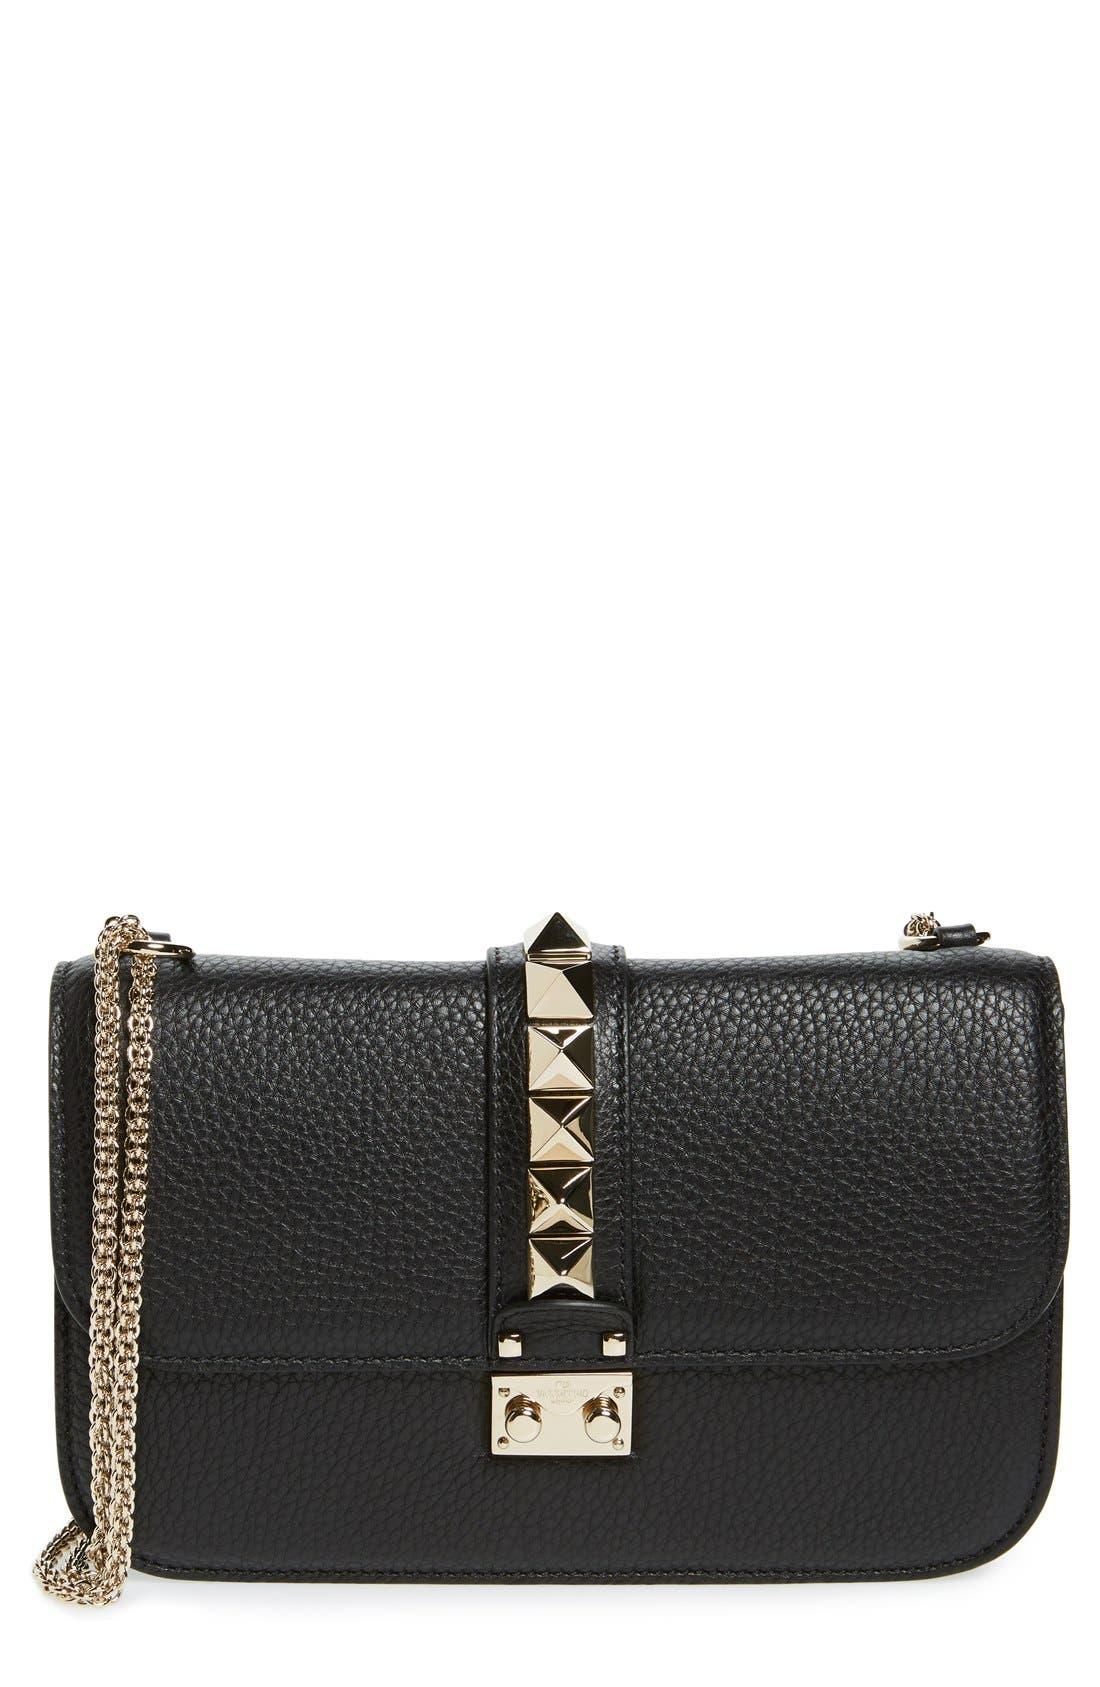 Medium Lock Studded Leather Shoulder Bag,                         Main,                         color, NERO